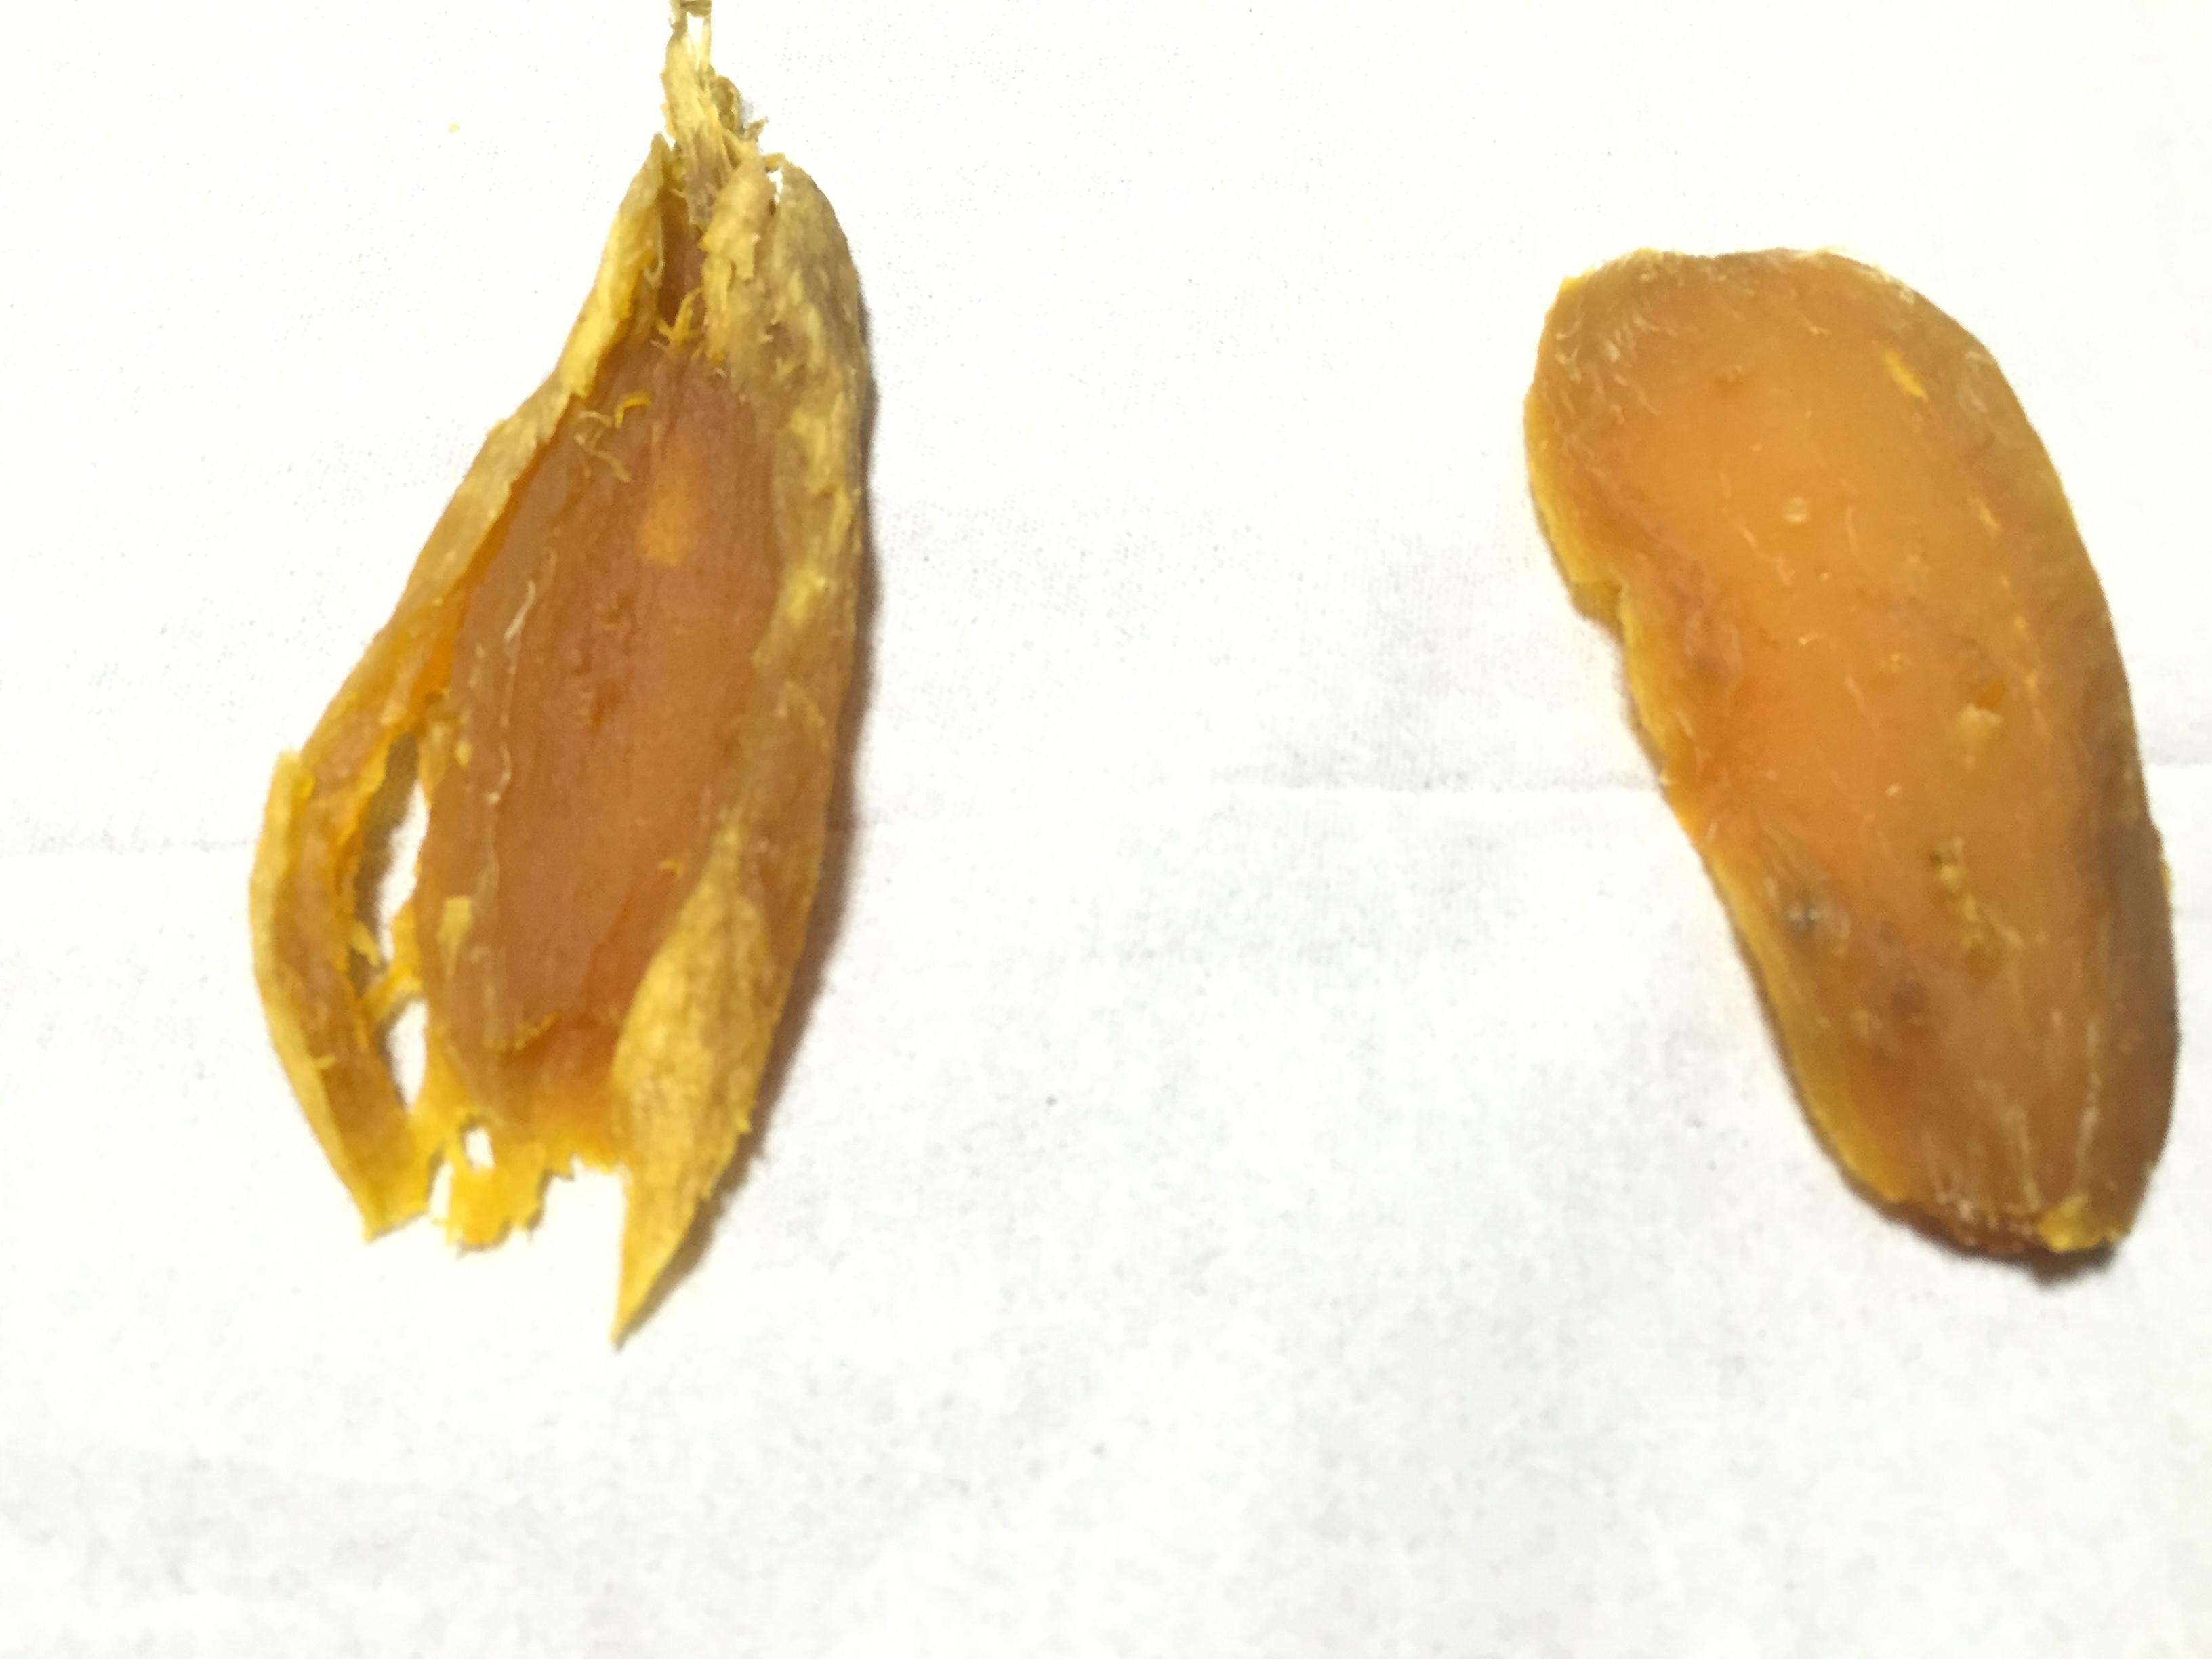 干し芋作りの前段取りでこんなに違う!『焼き芋』VS『茹で芋』